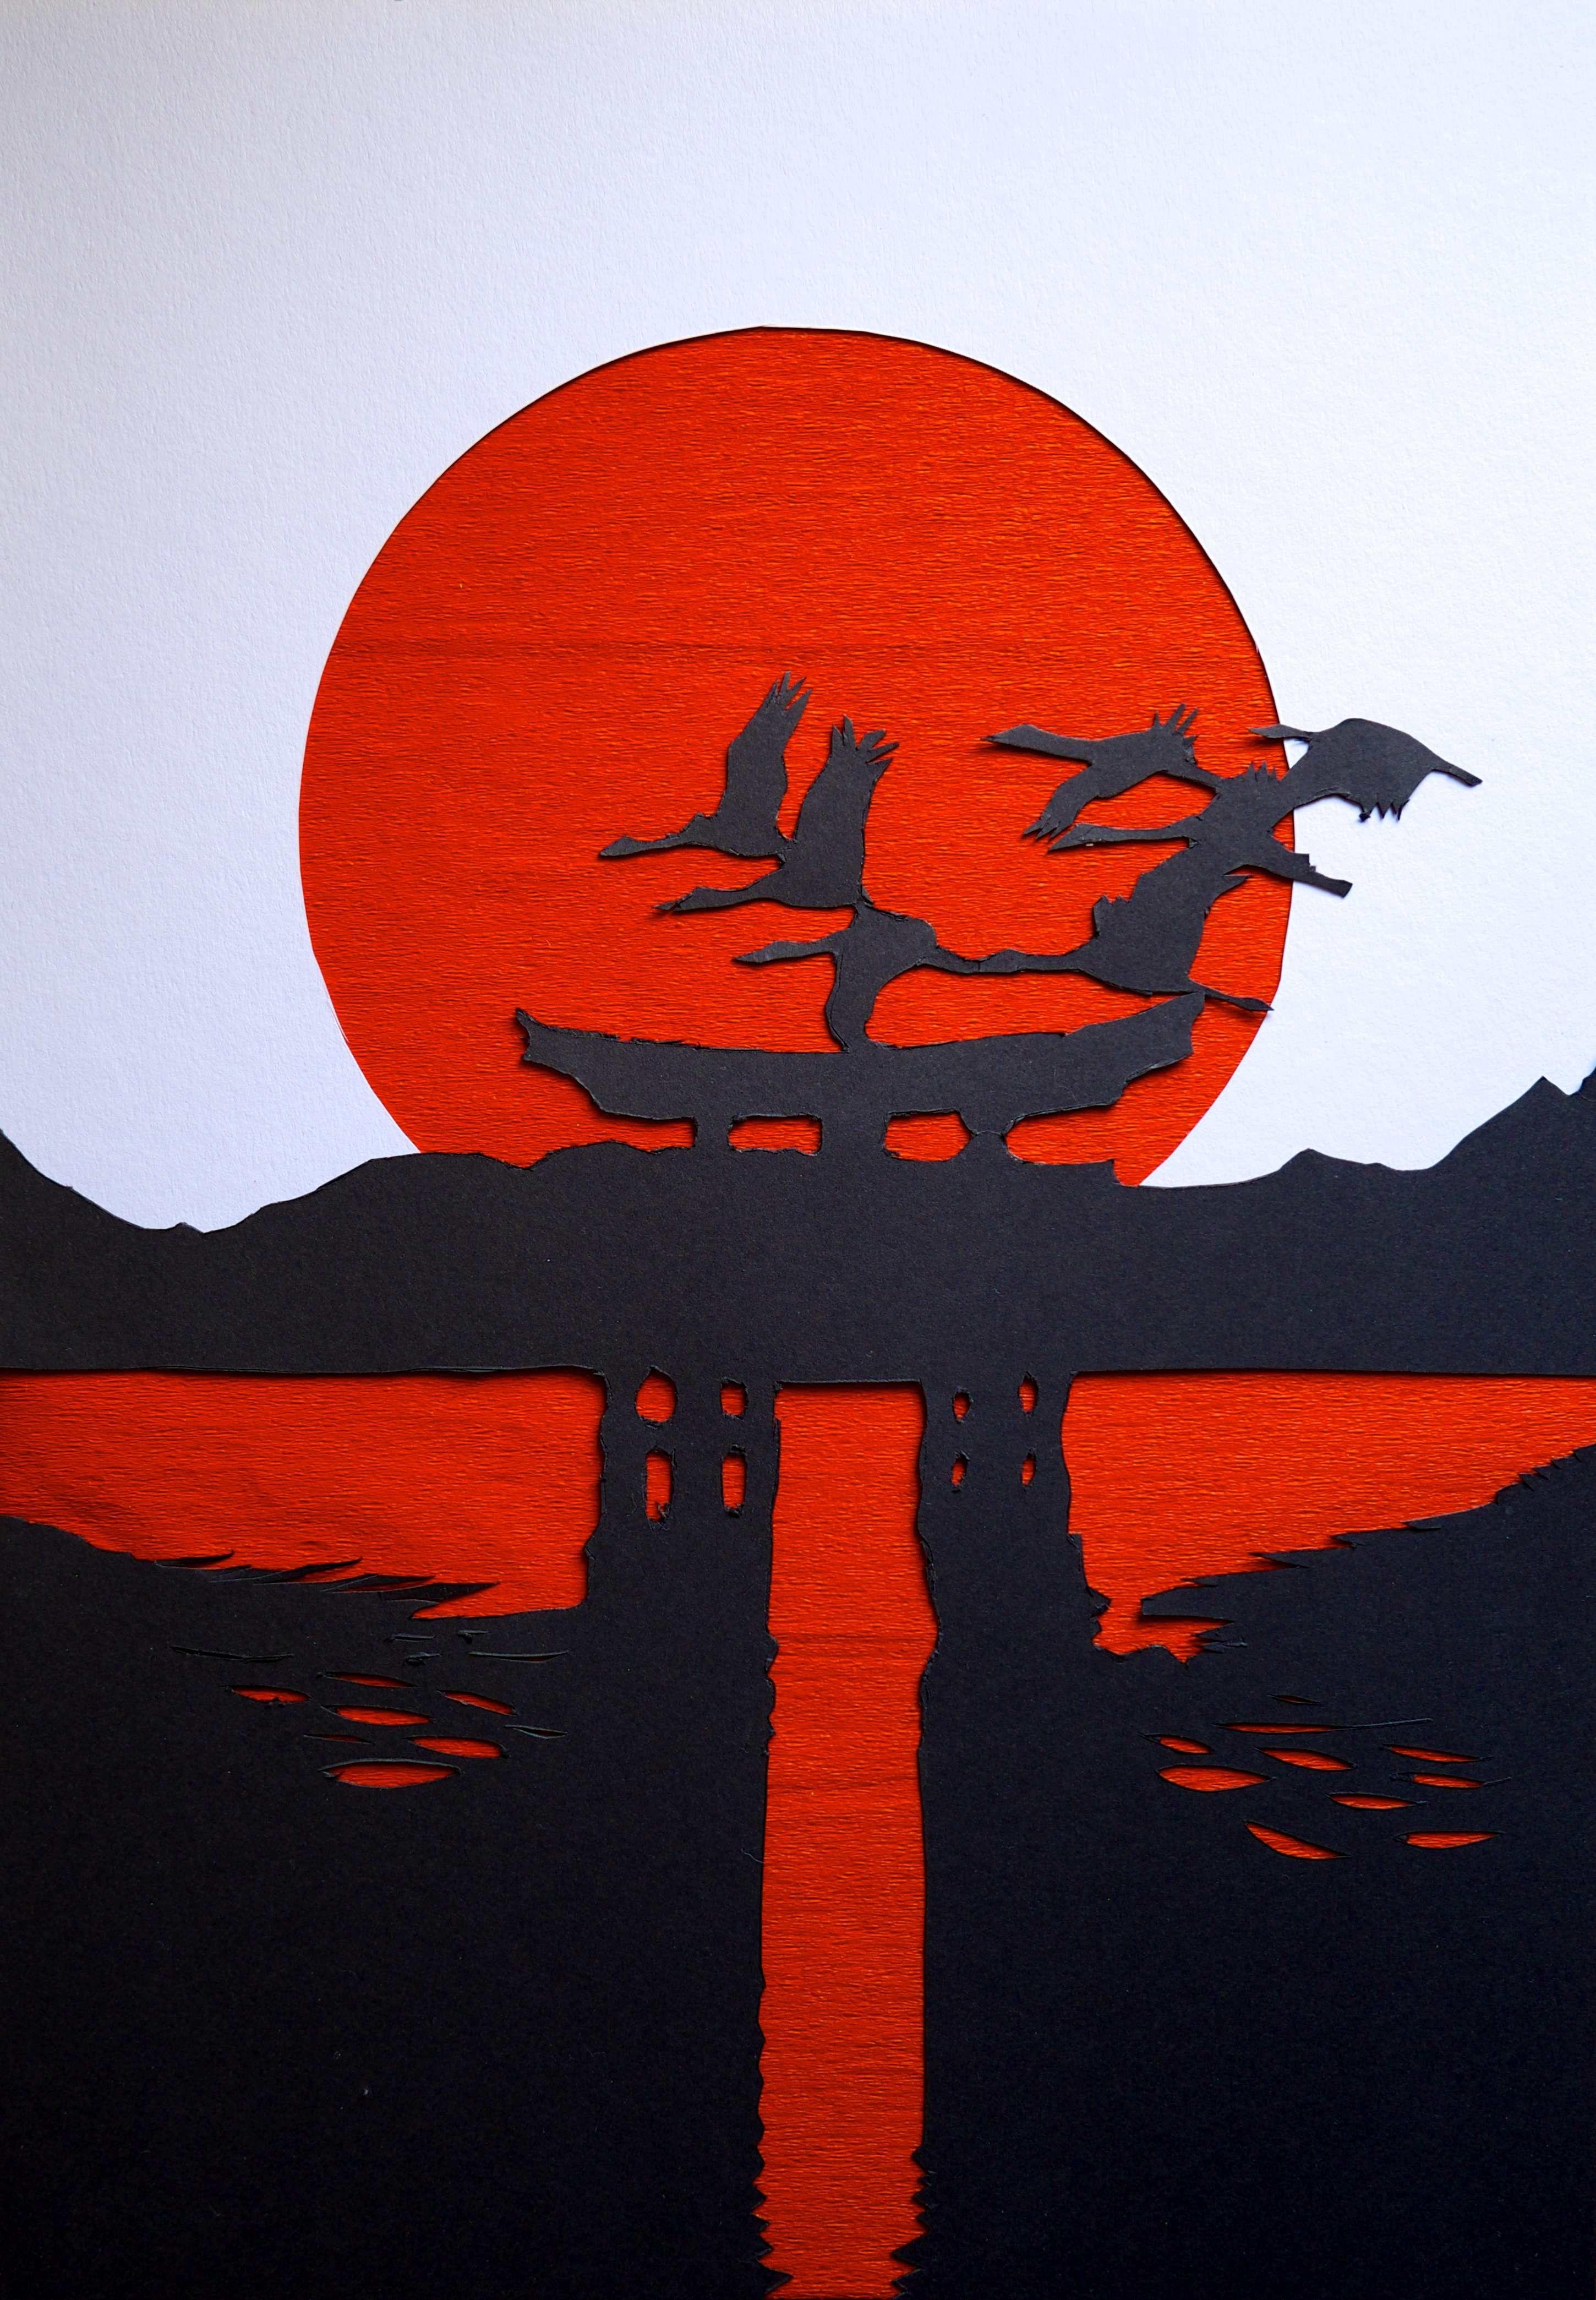 Bandera de Japón sobreponiendo cartulina blanca y negra sobre fondo ...